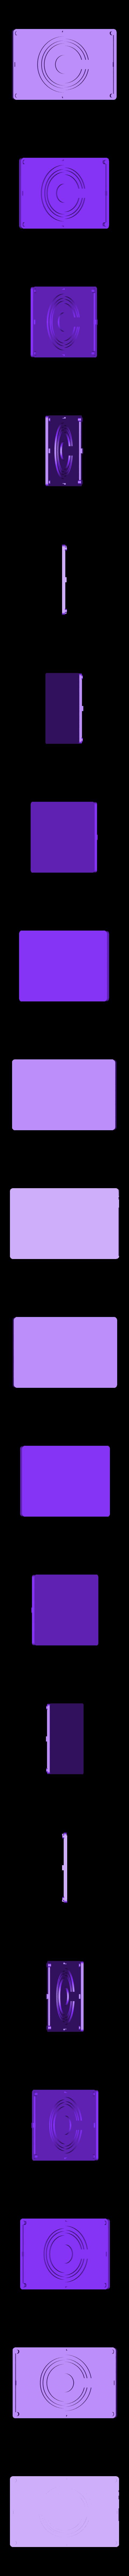 PiBookCoil.stl Télécharger fichier STL gratuit PiBook alimenté sans fil • Plan imprimable en 3D, Qelorliss